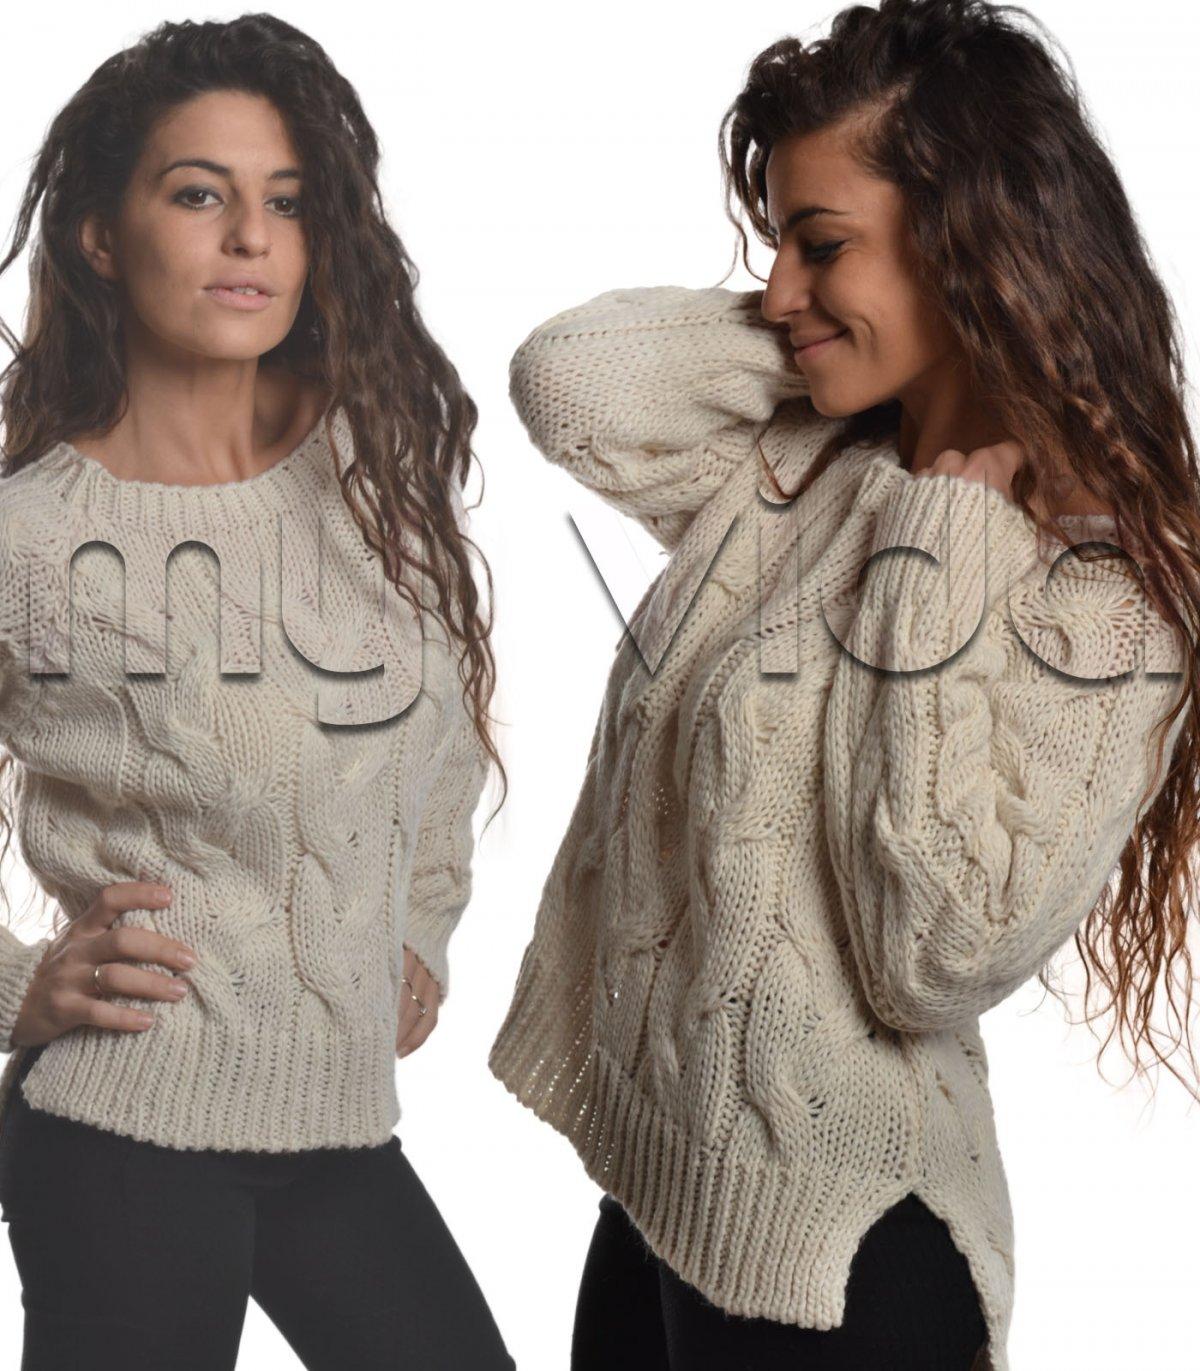 huge selection of 94701 1cd5d Pullover trecce collo barca spacchi laterali | My Vida